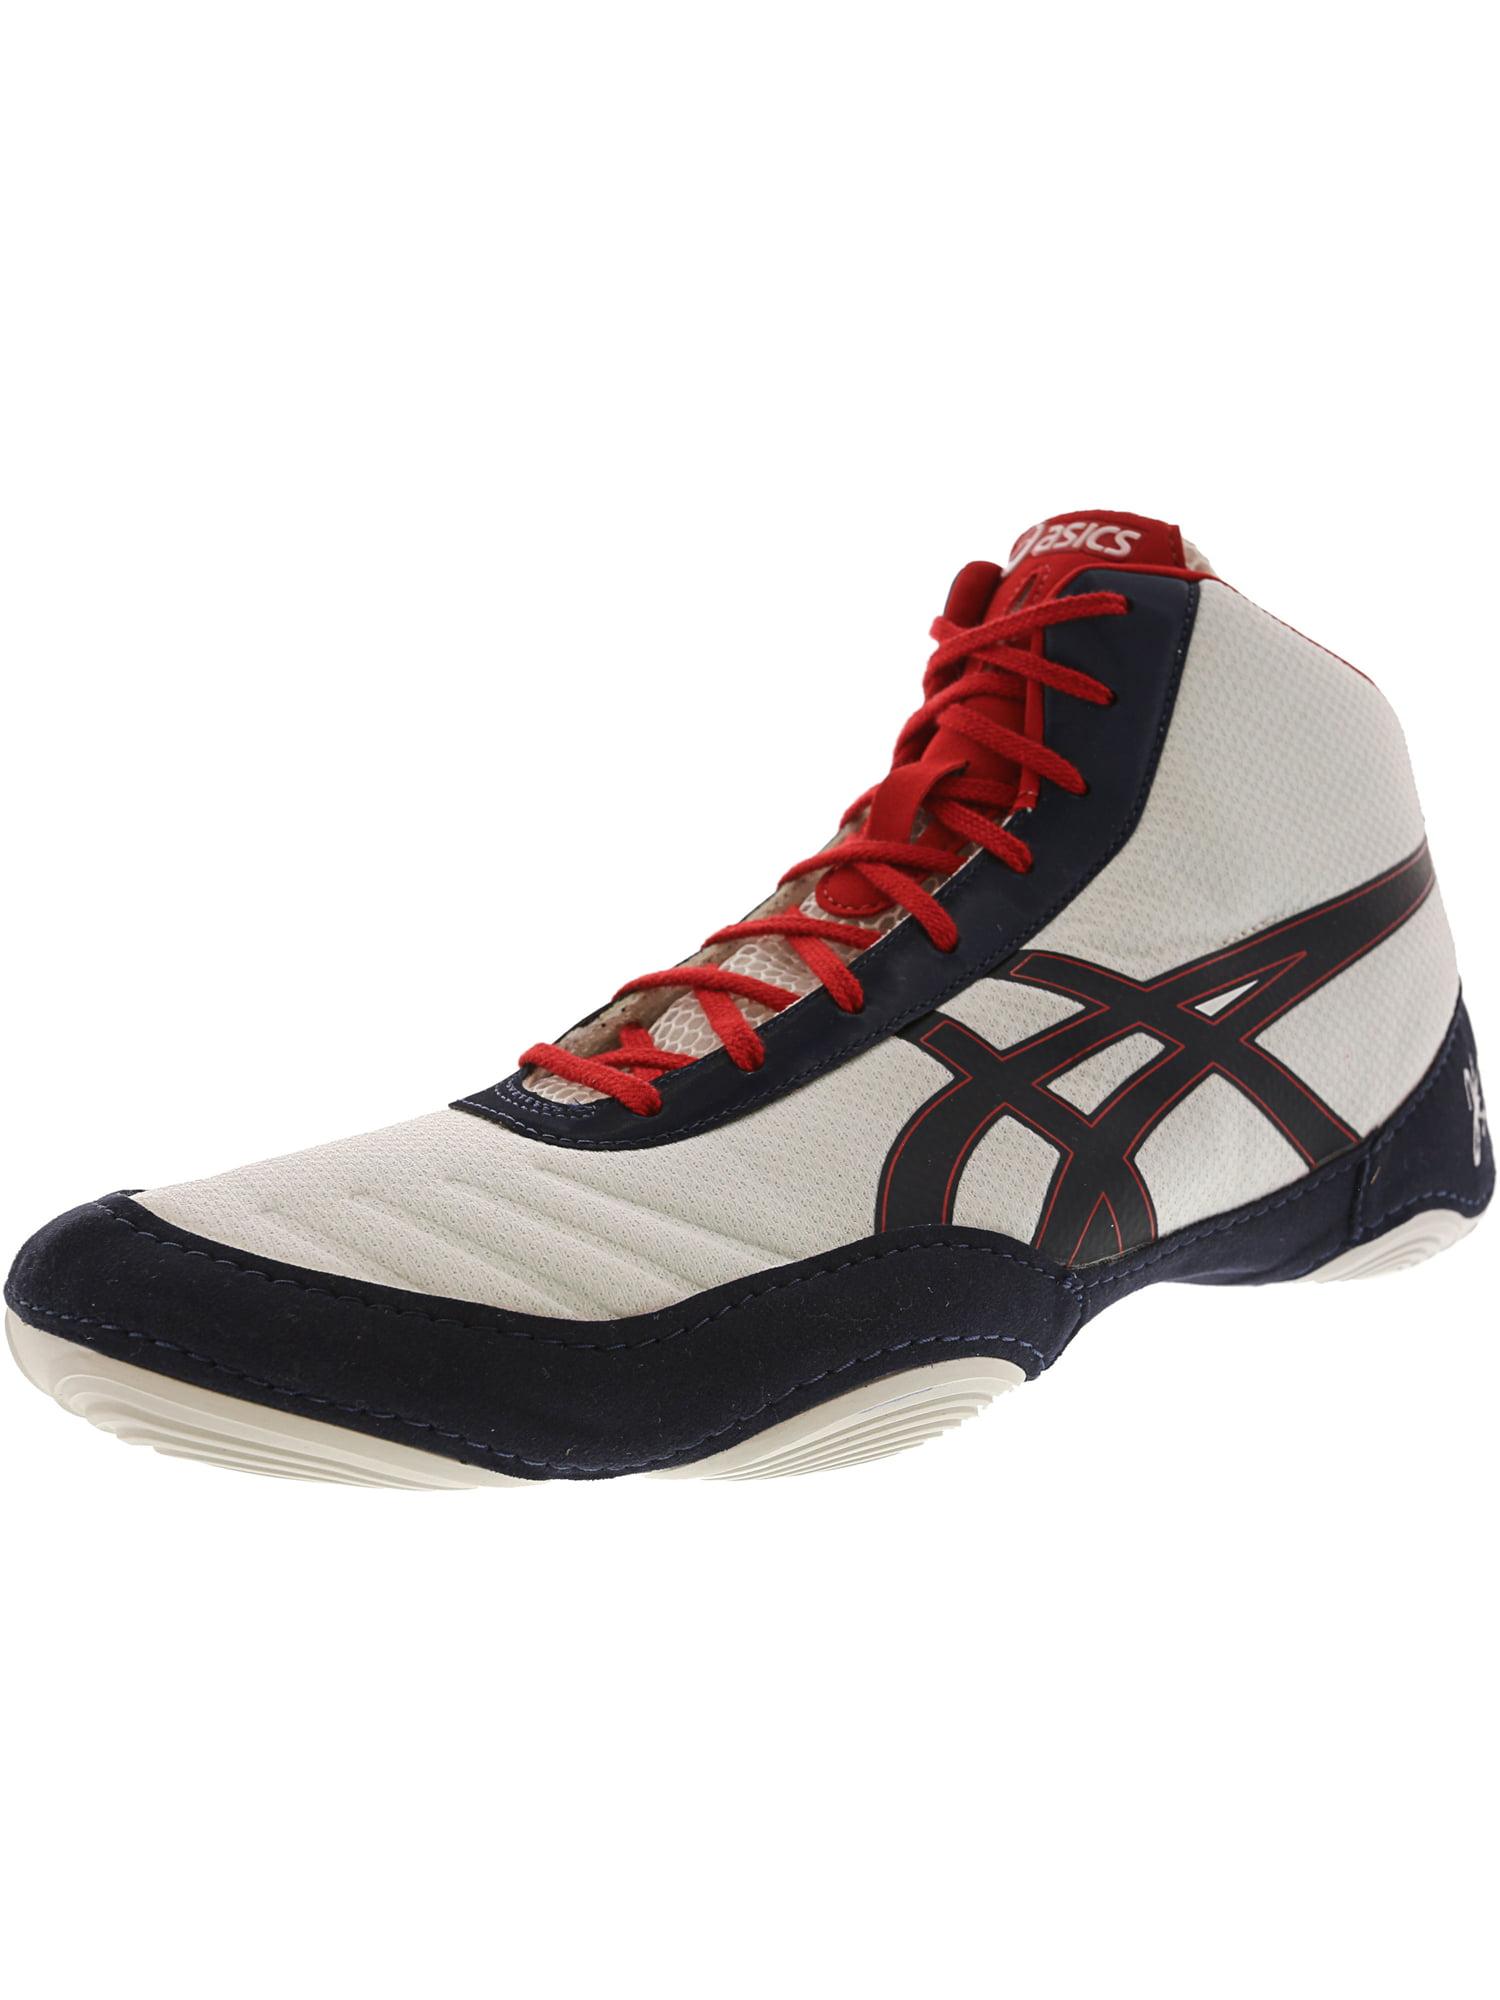 Asics Men's Jb Elite V2.0 Black / Olympic Gold Red Ankle-High Fabric Wrestling Shoe - 12.5M